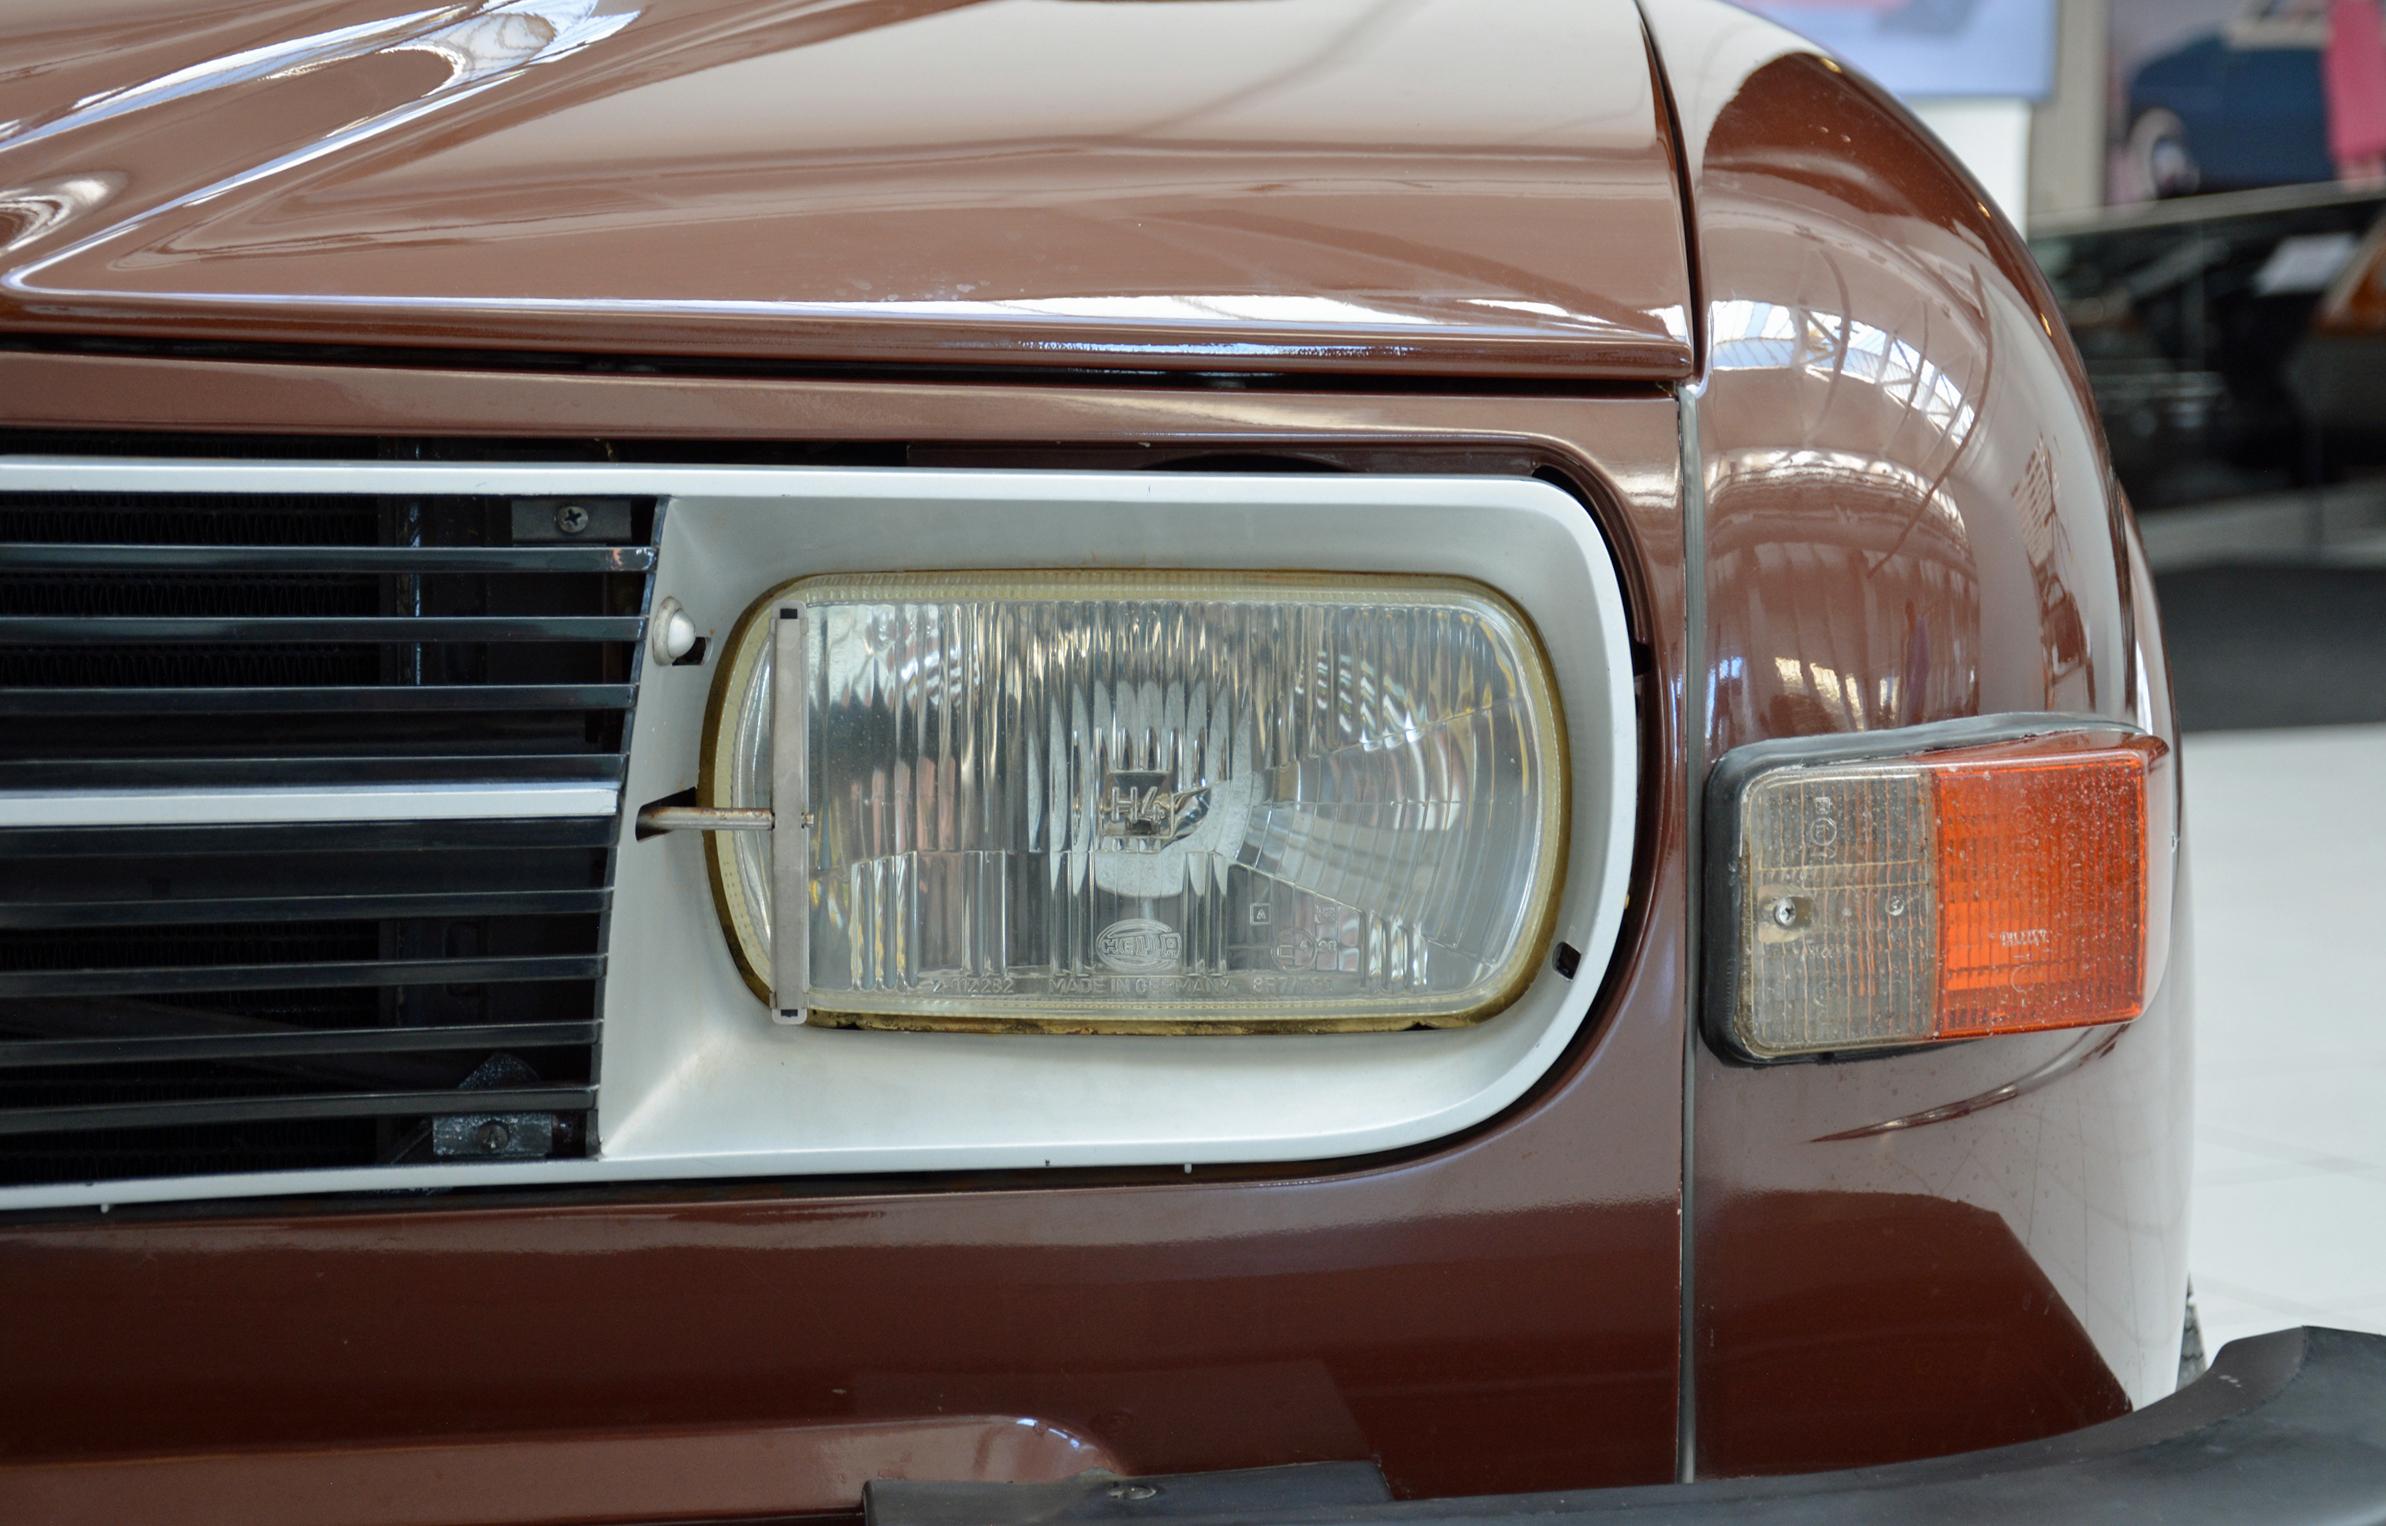 saab museum prototype 98 headlight